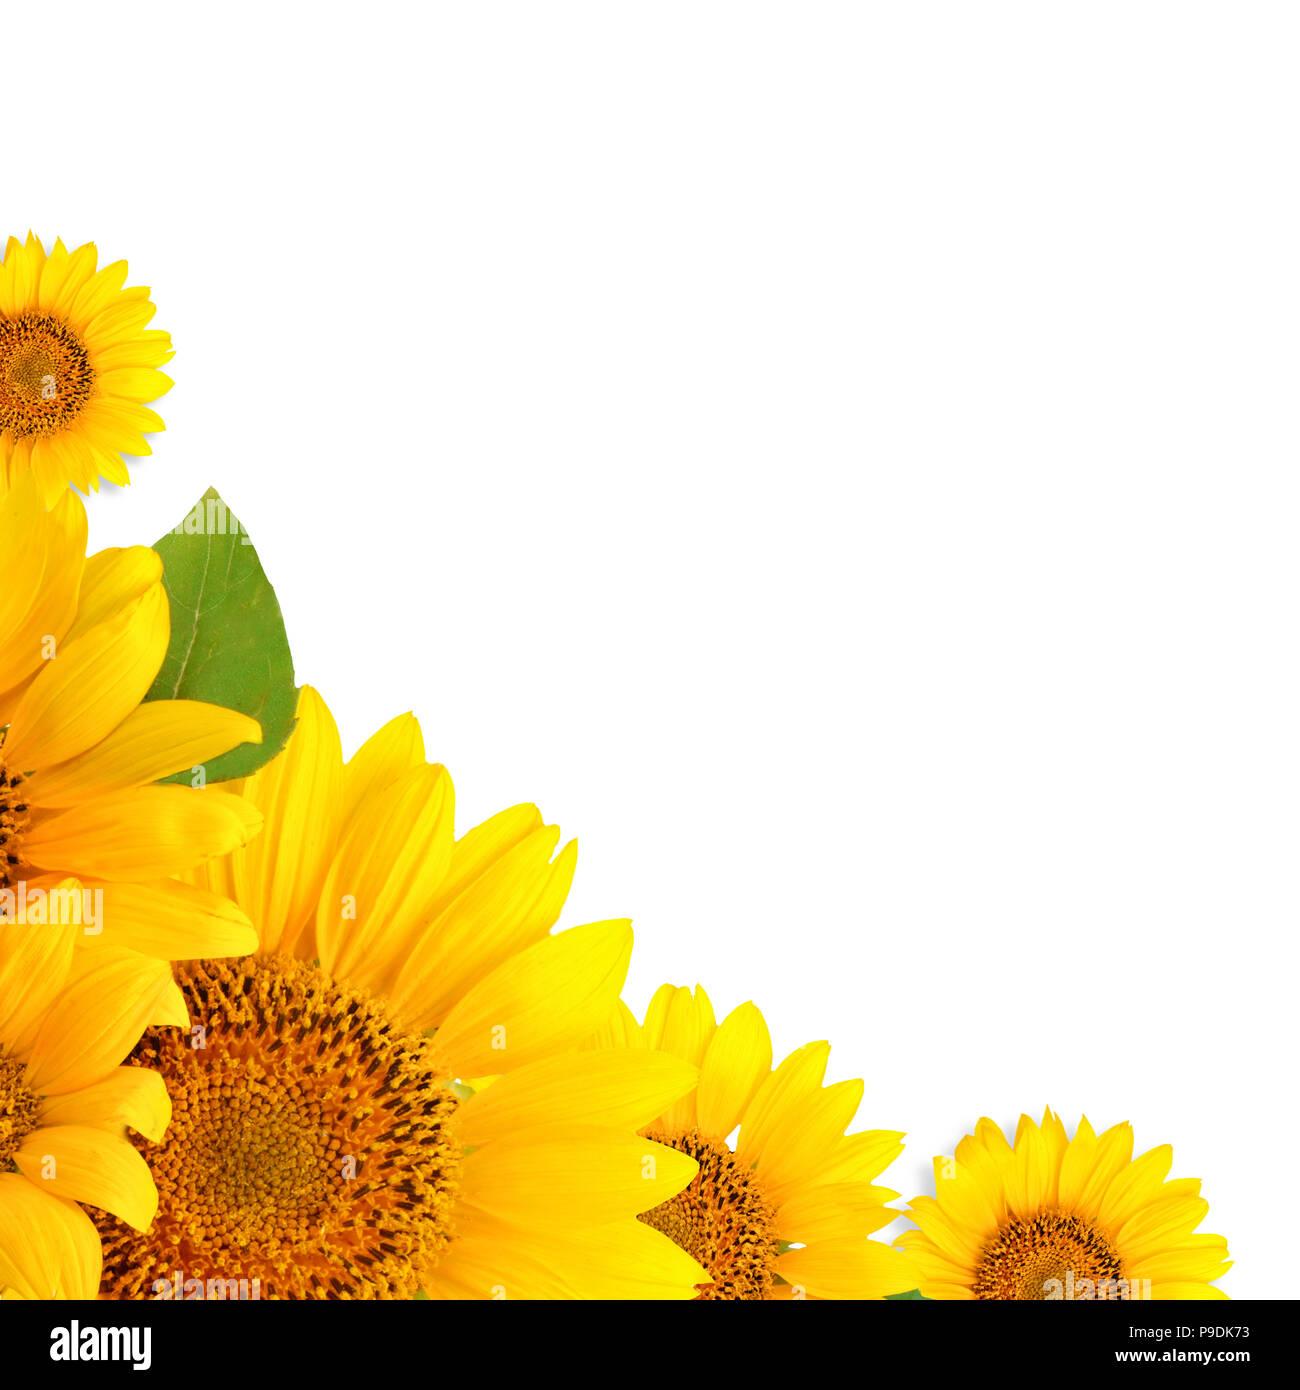 Fantastisch Sonnenblumen Frame Zeitgenössisch - Rahmen Ideen ...